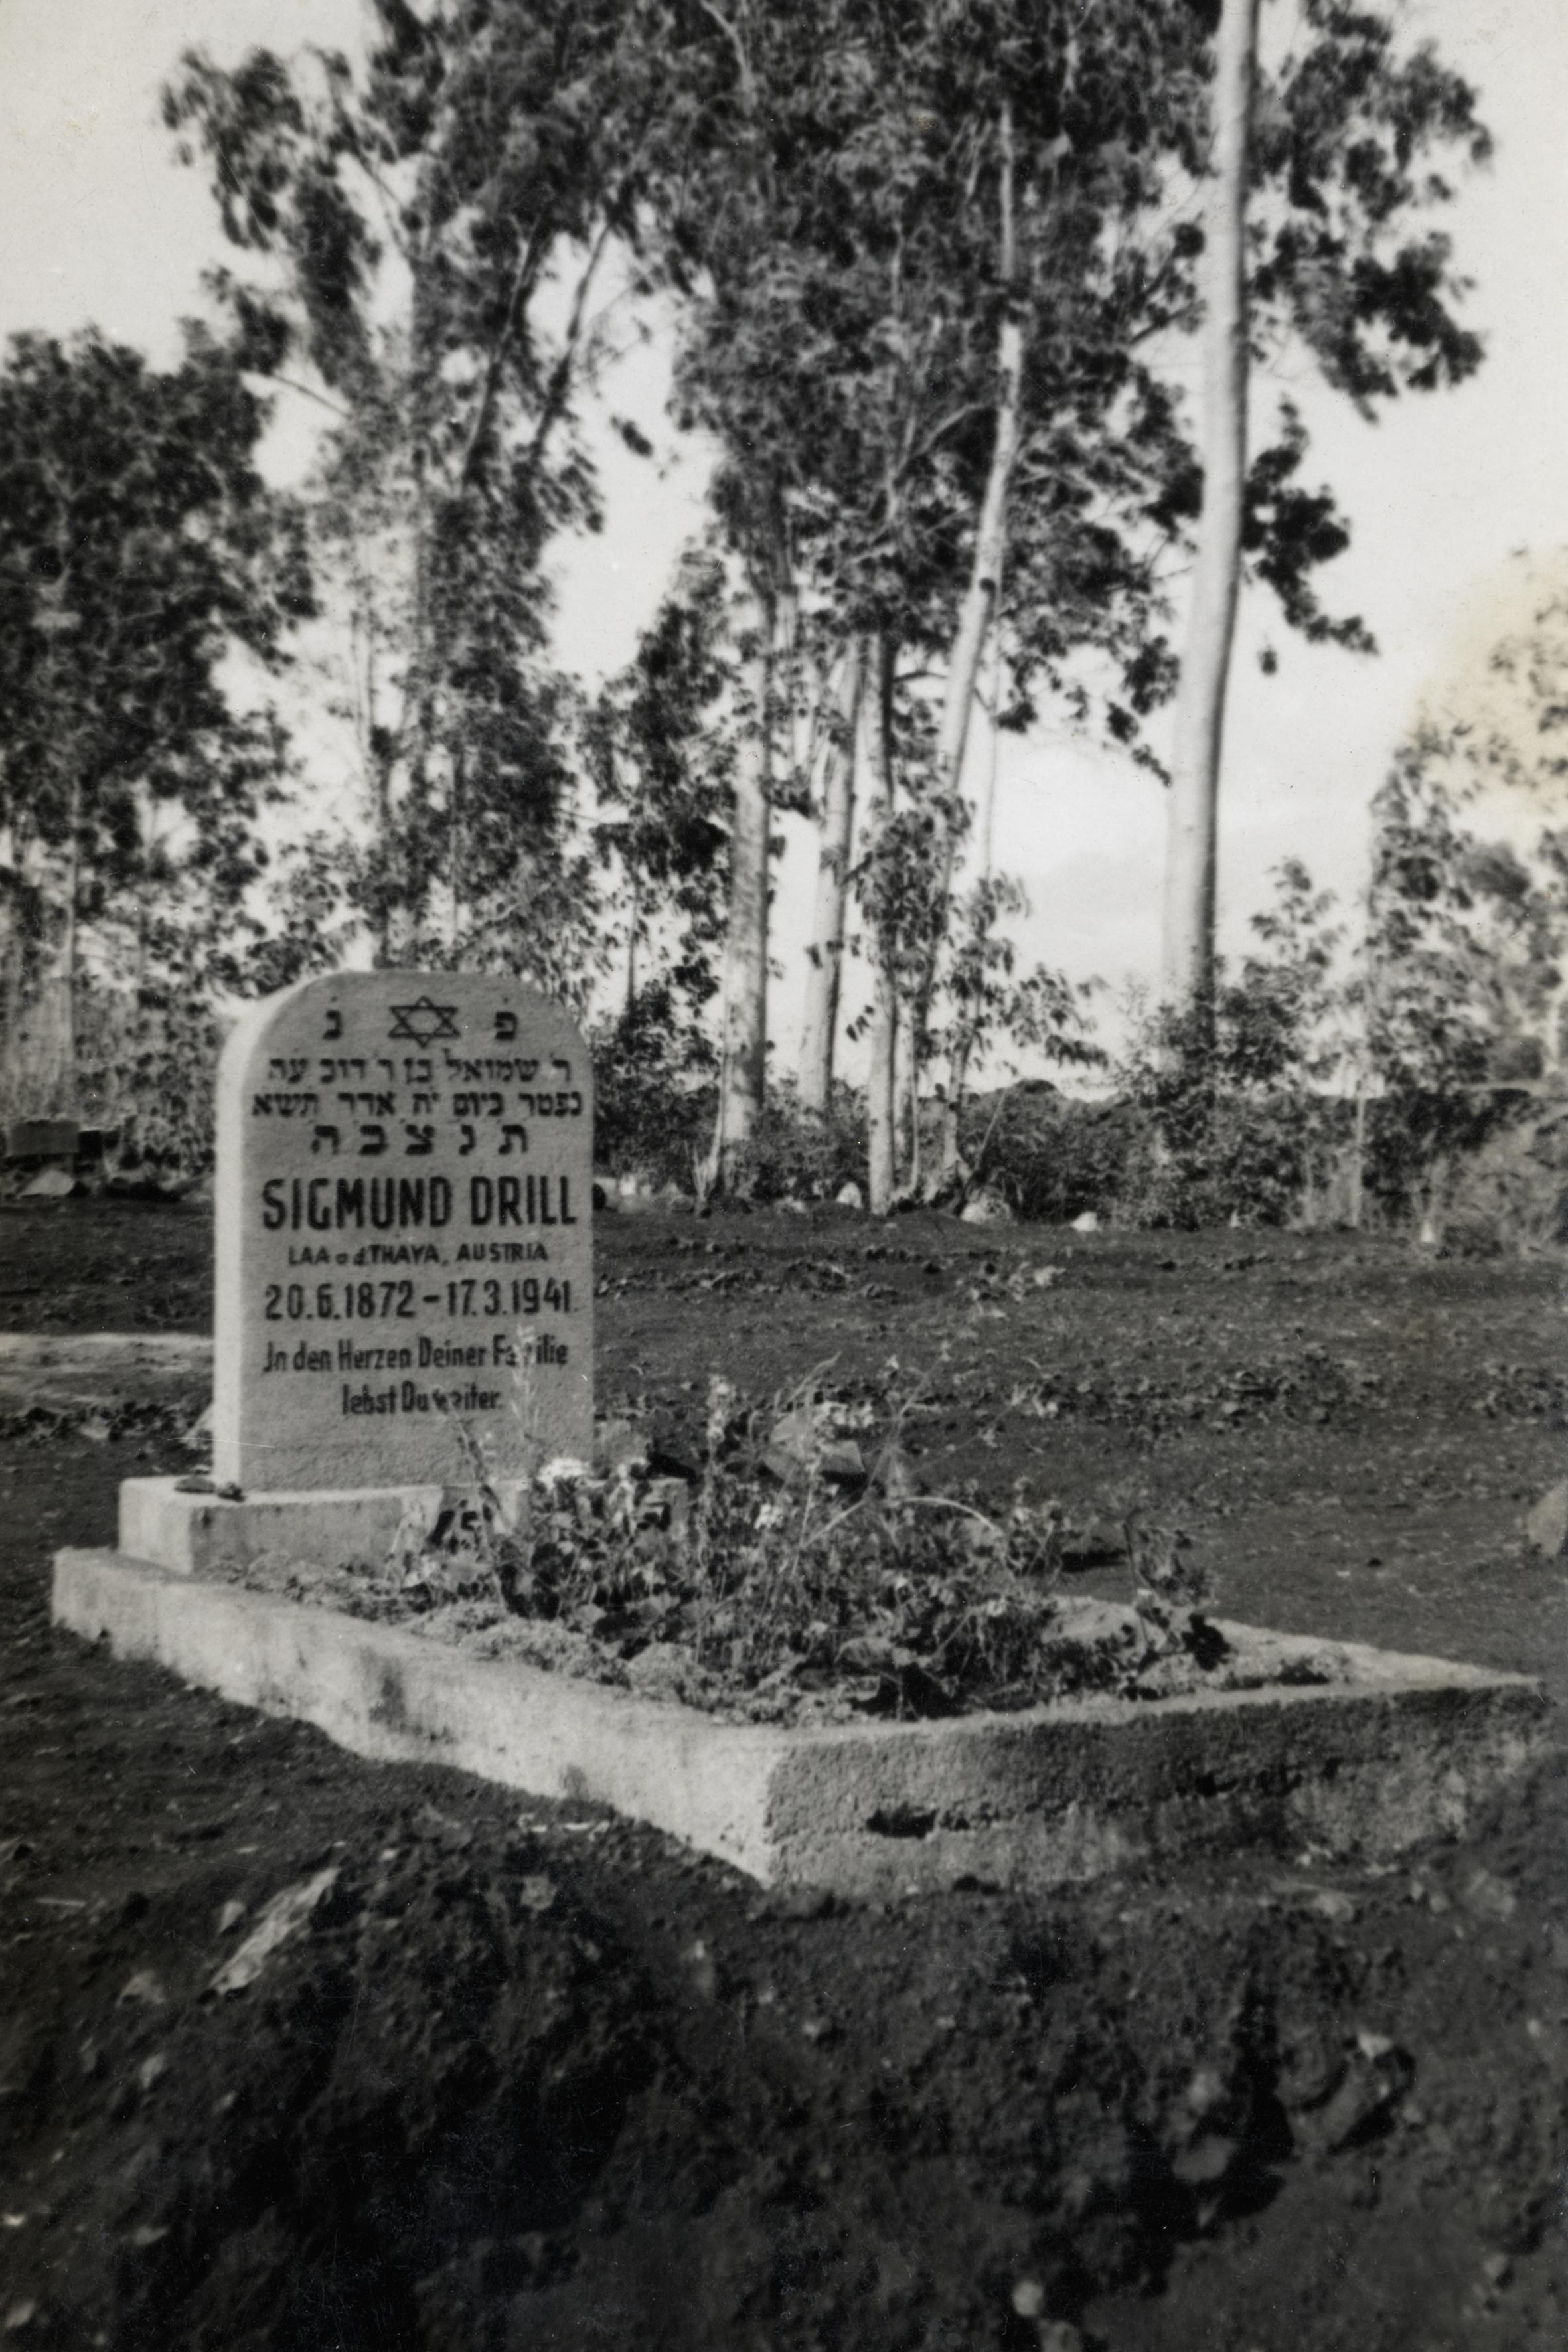 Das Grab von Sigmund Drill auf Mauritius